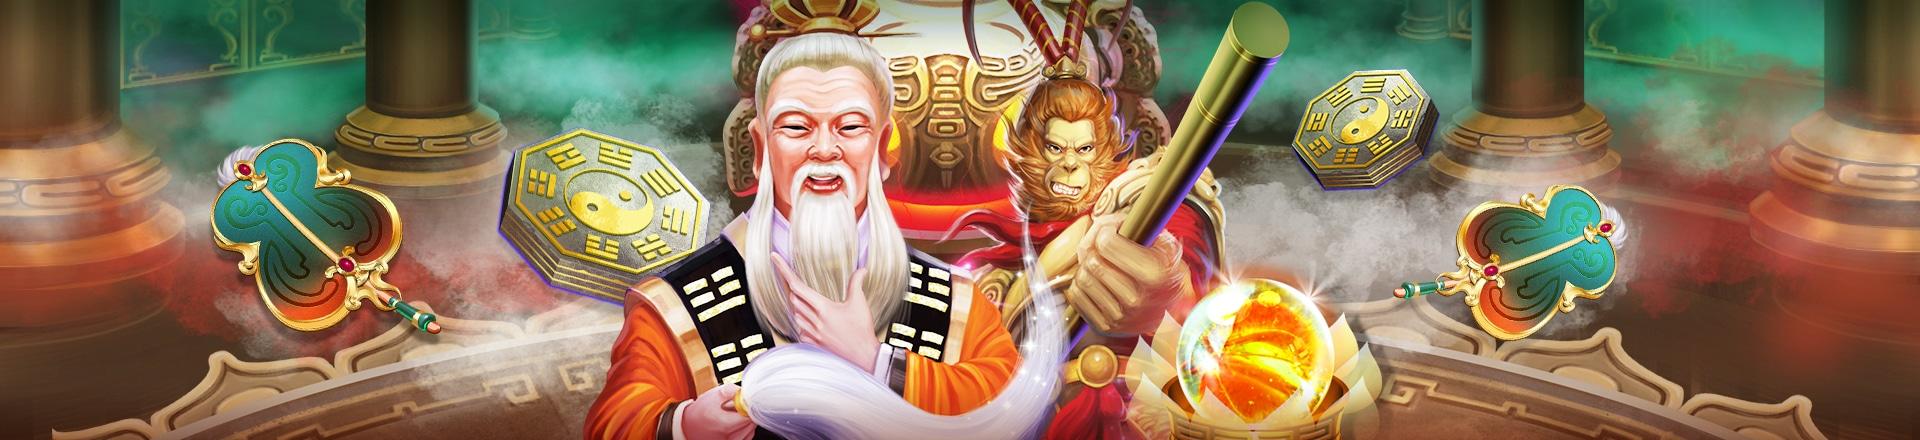 รีวิวเกมสล็อต TaiShangLaoJun - Slotxo สมัครวันนี้รับเครดิตฟรี 50% ฟรีทันที